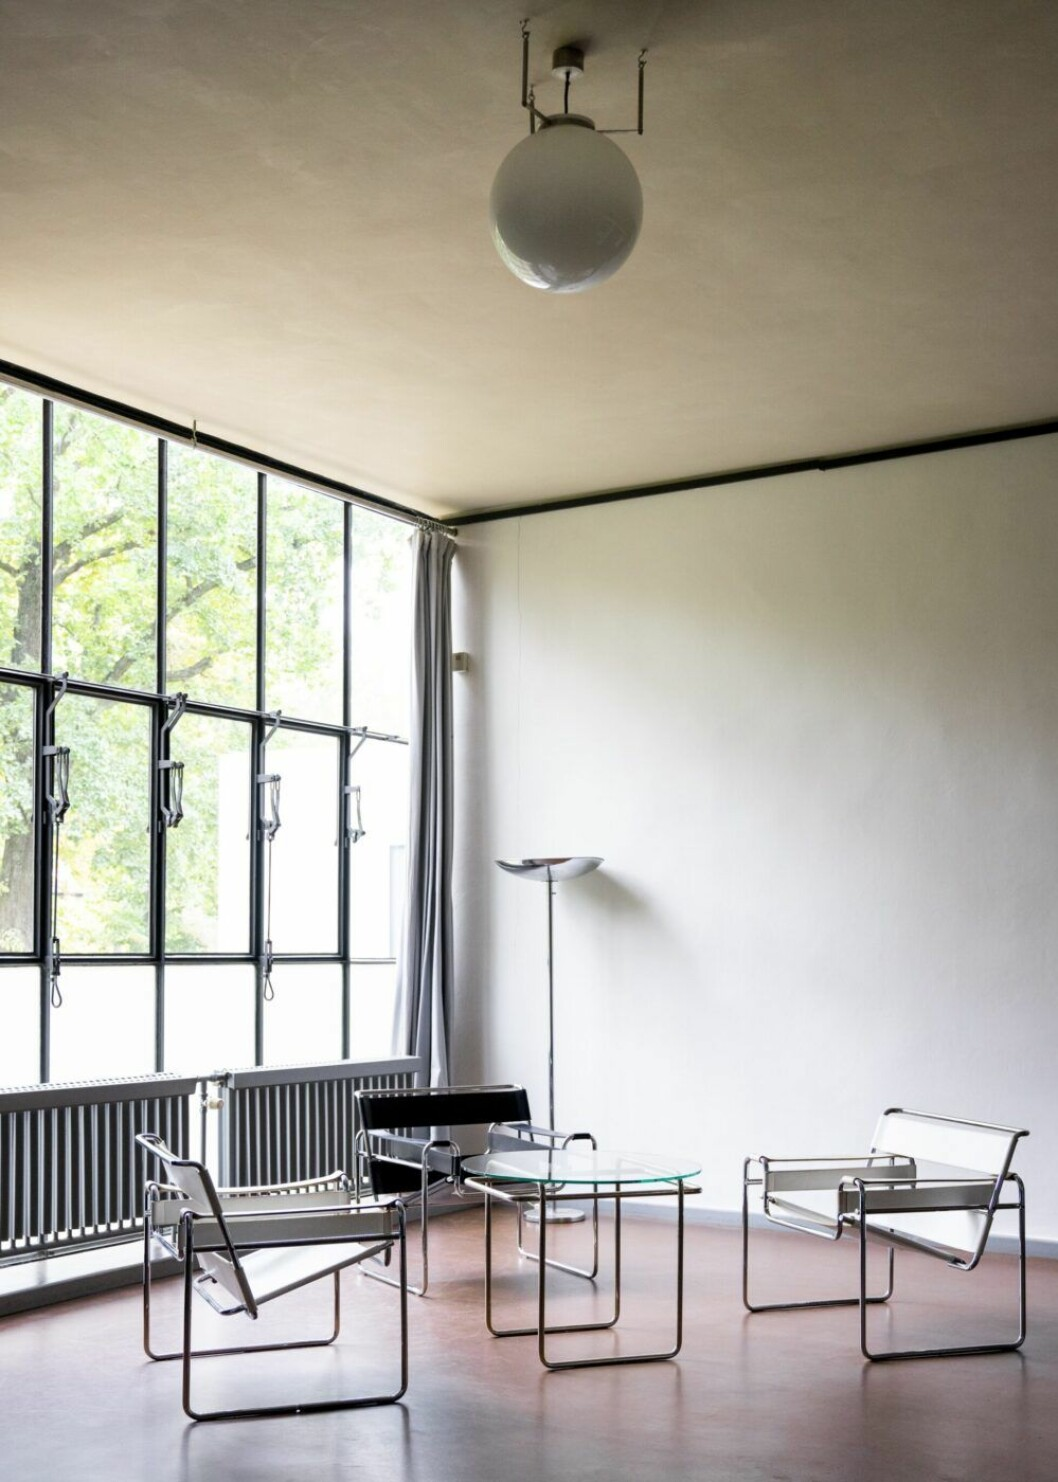 Ateljévåning i en av villorna som kallades för Meisterhäuser. Foto Melissa Hegge.